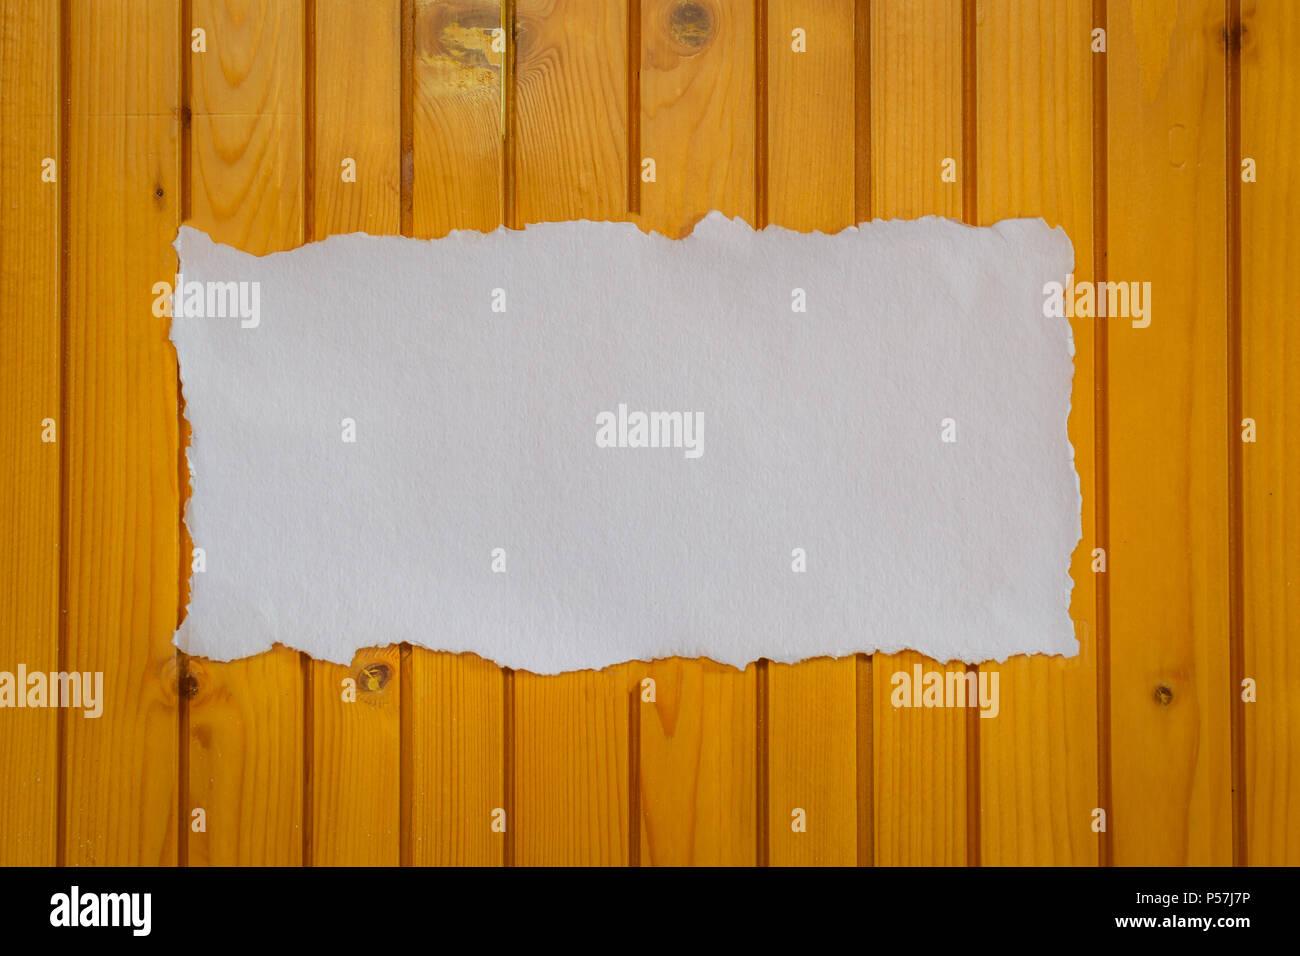 Foglio di carta bianco su un in pannelli di legno sfondo per amore le note e i biglietti di invito Immagini Stock